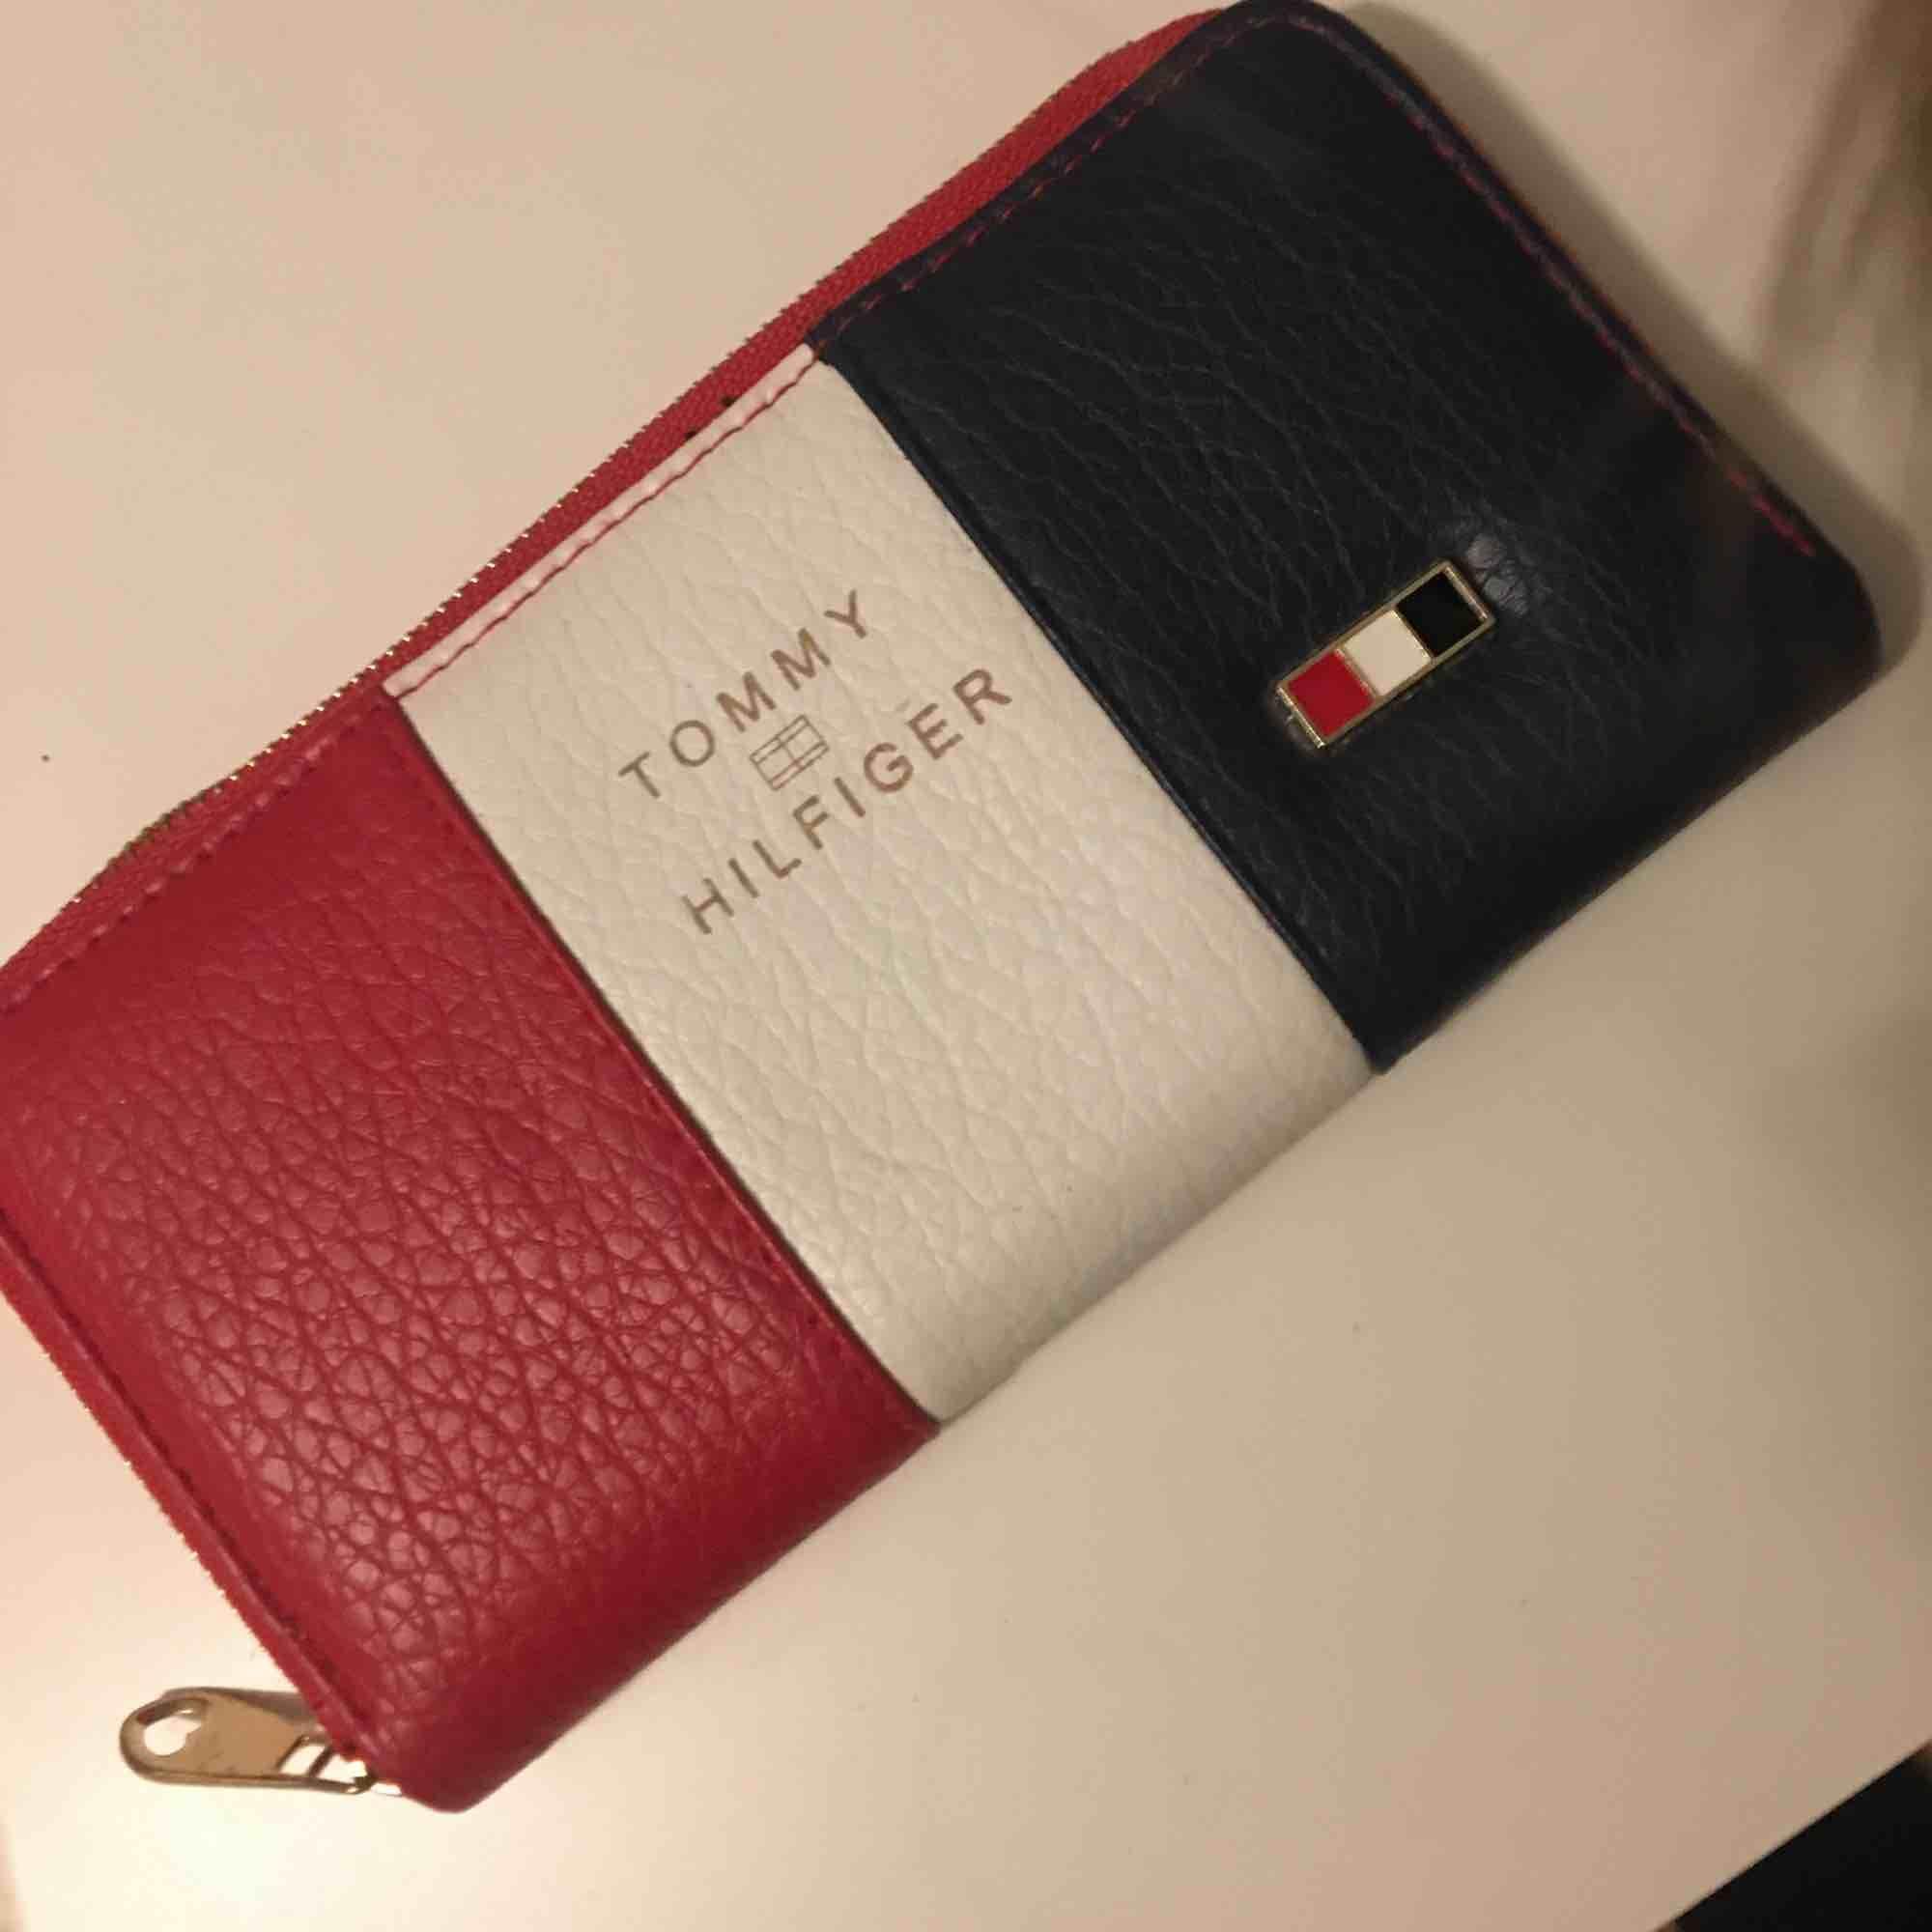 TOMMY HILFIGER plånbok Endast använd några få gånger!. Accessoarer.